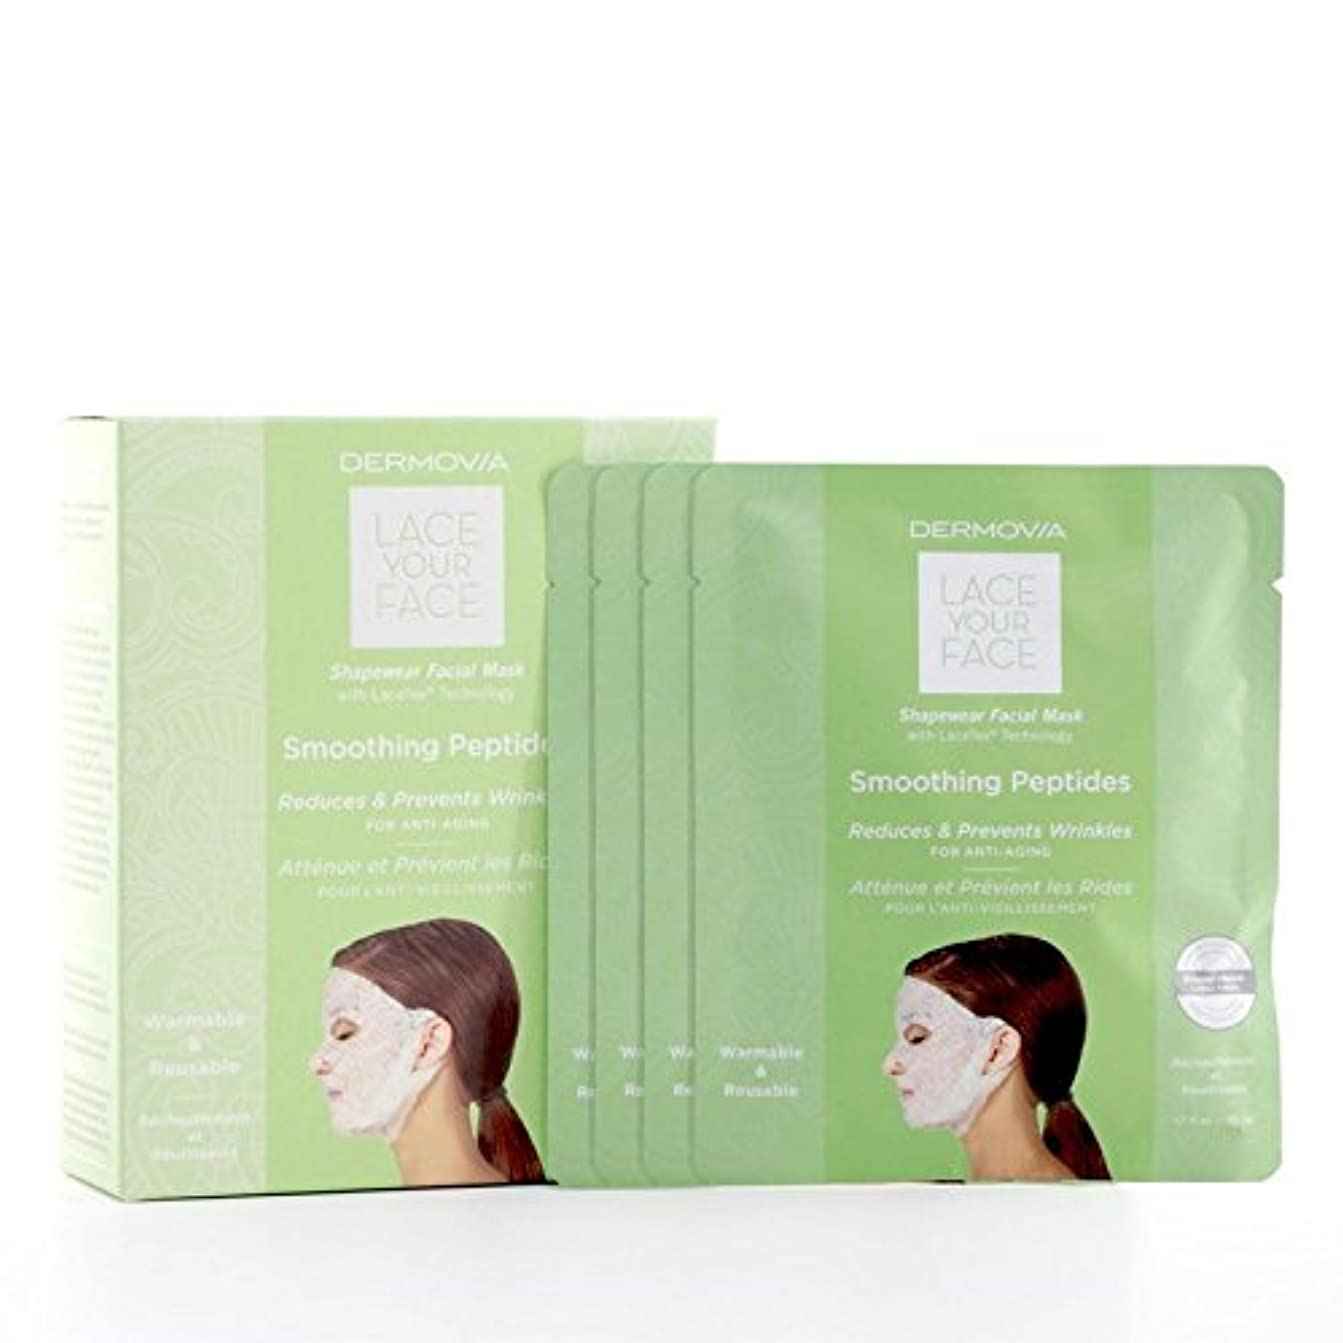 朝食を食べる感じるコンテンツDermovia Lace Your Face Compression Facial Mask Smoothing Peptides - は、あなたの顔の圧縮フェイシャルマスク平滑化ペプチドをひもで締めます [並行輸入品]